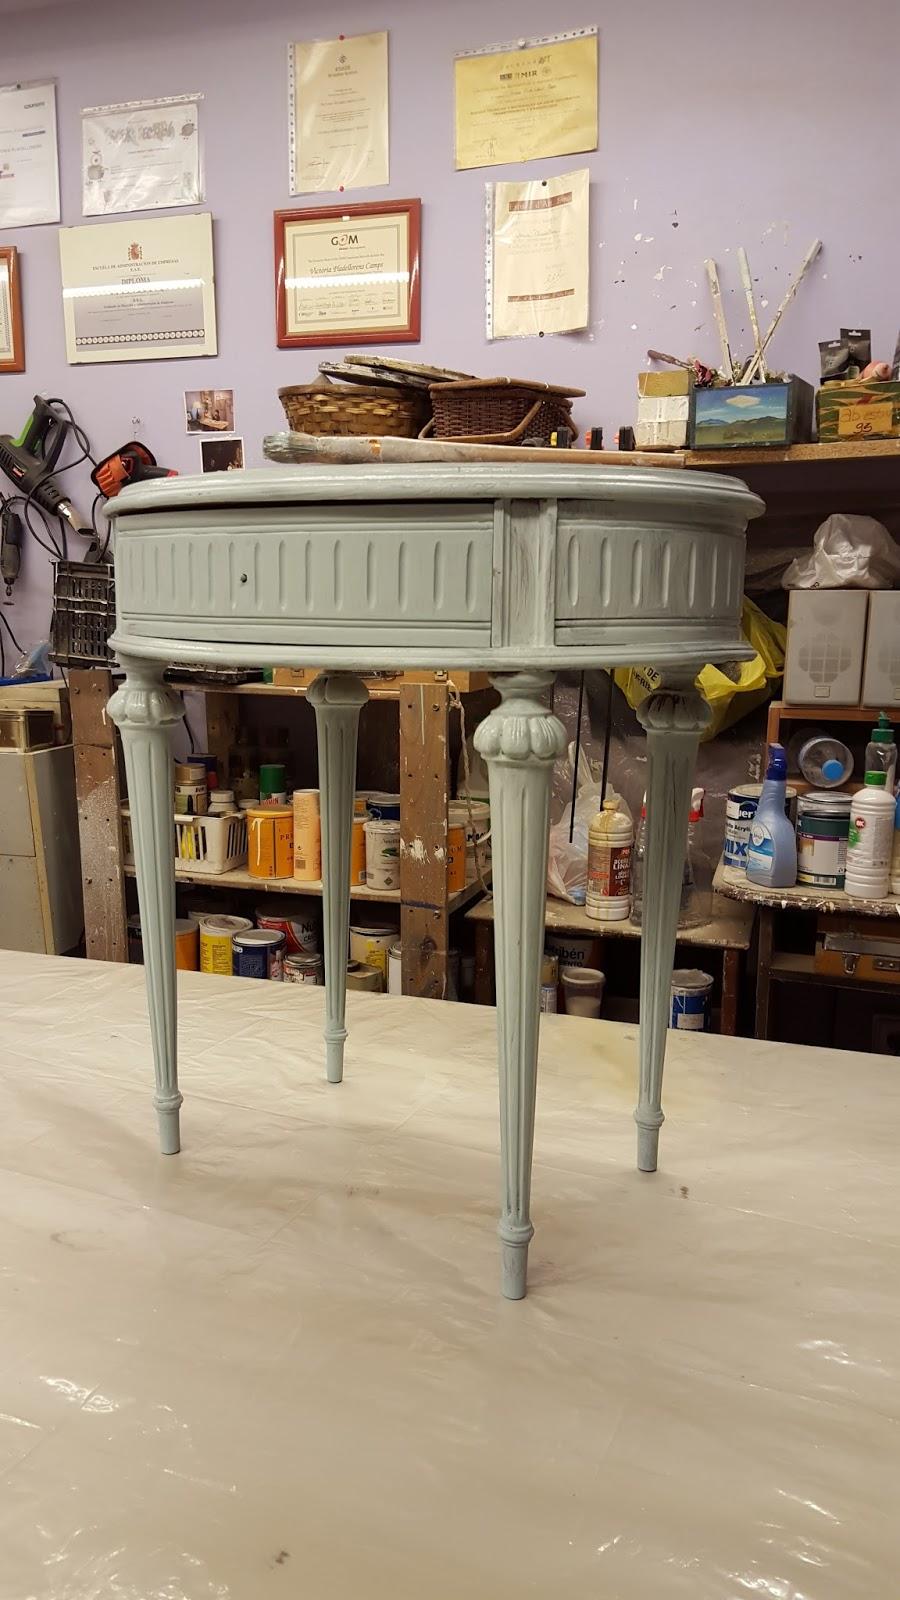 Candini muebles pintados nuevos y redecorados cambia el aspecto de tus muebles blancos - Muebles decapados ...